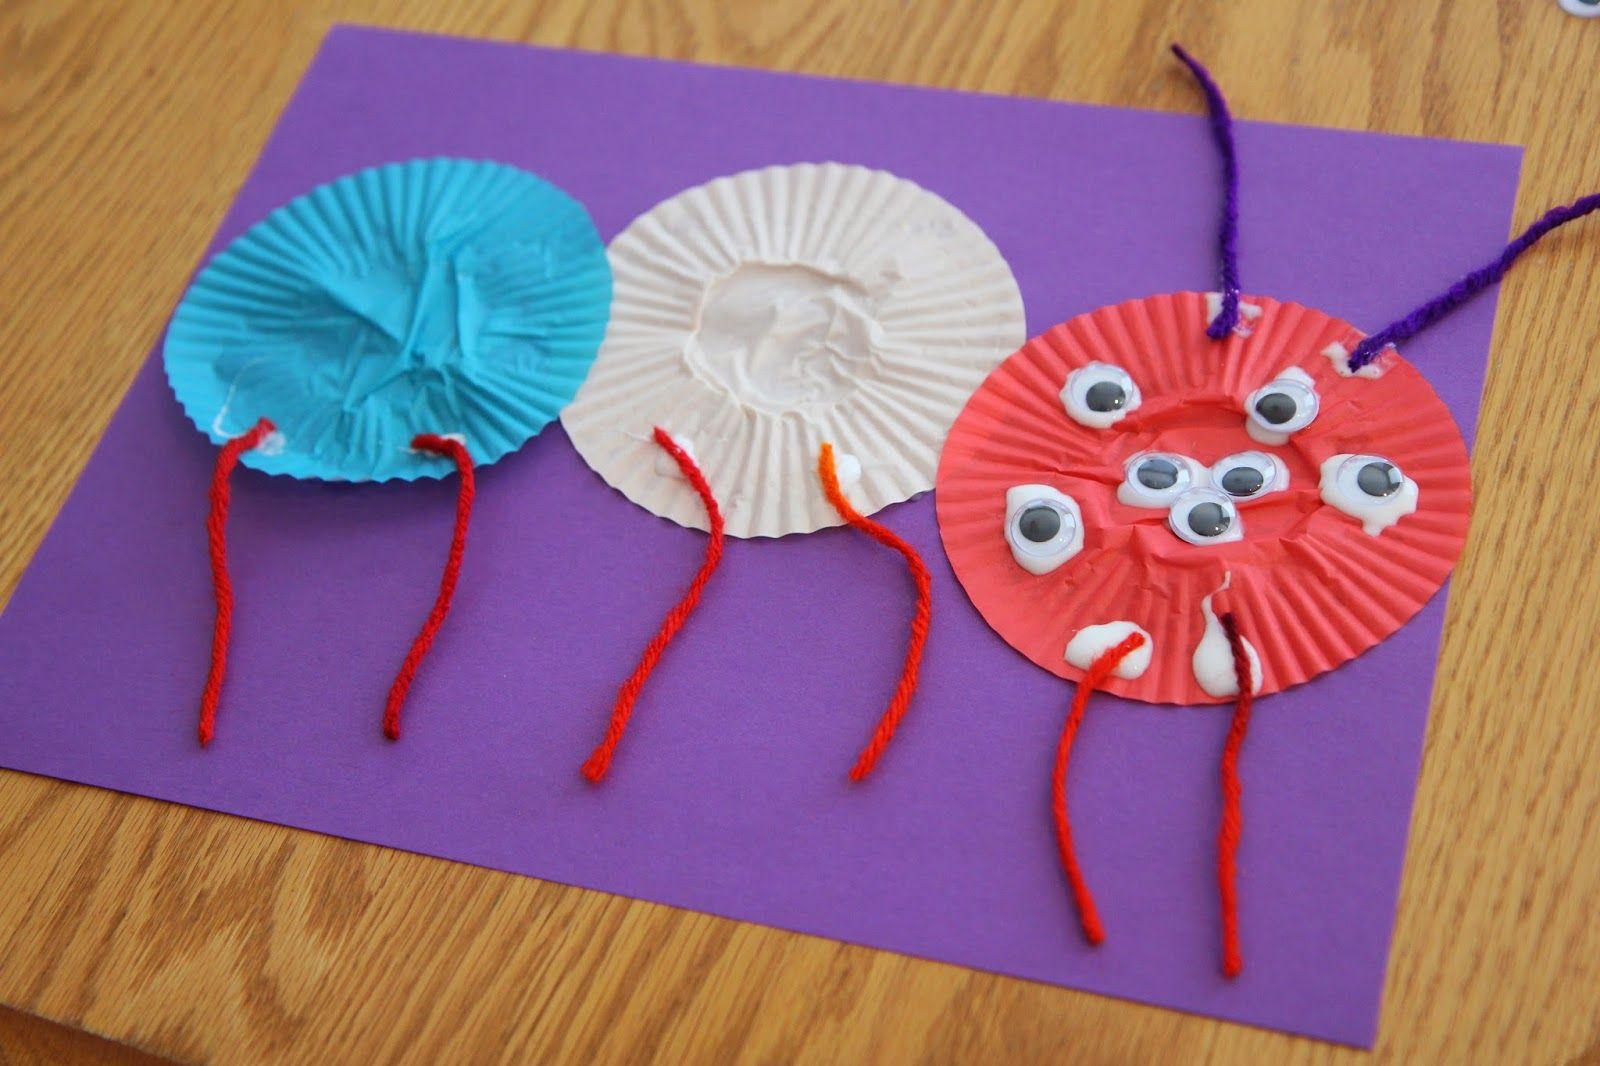 Bug Building Craft For Kids